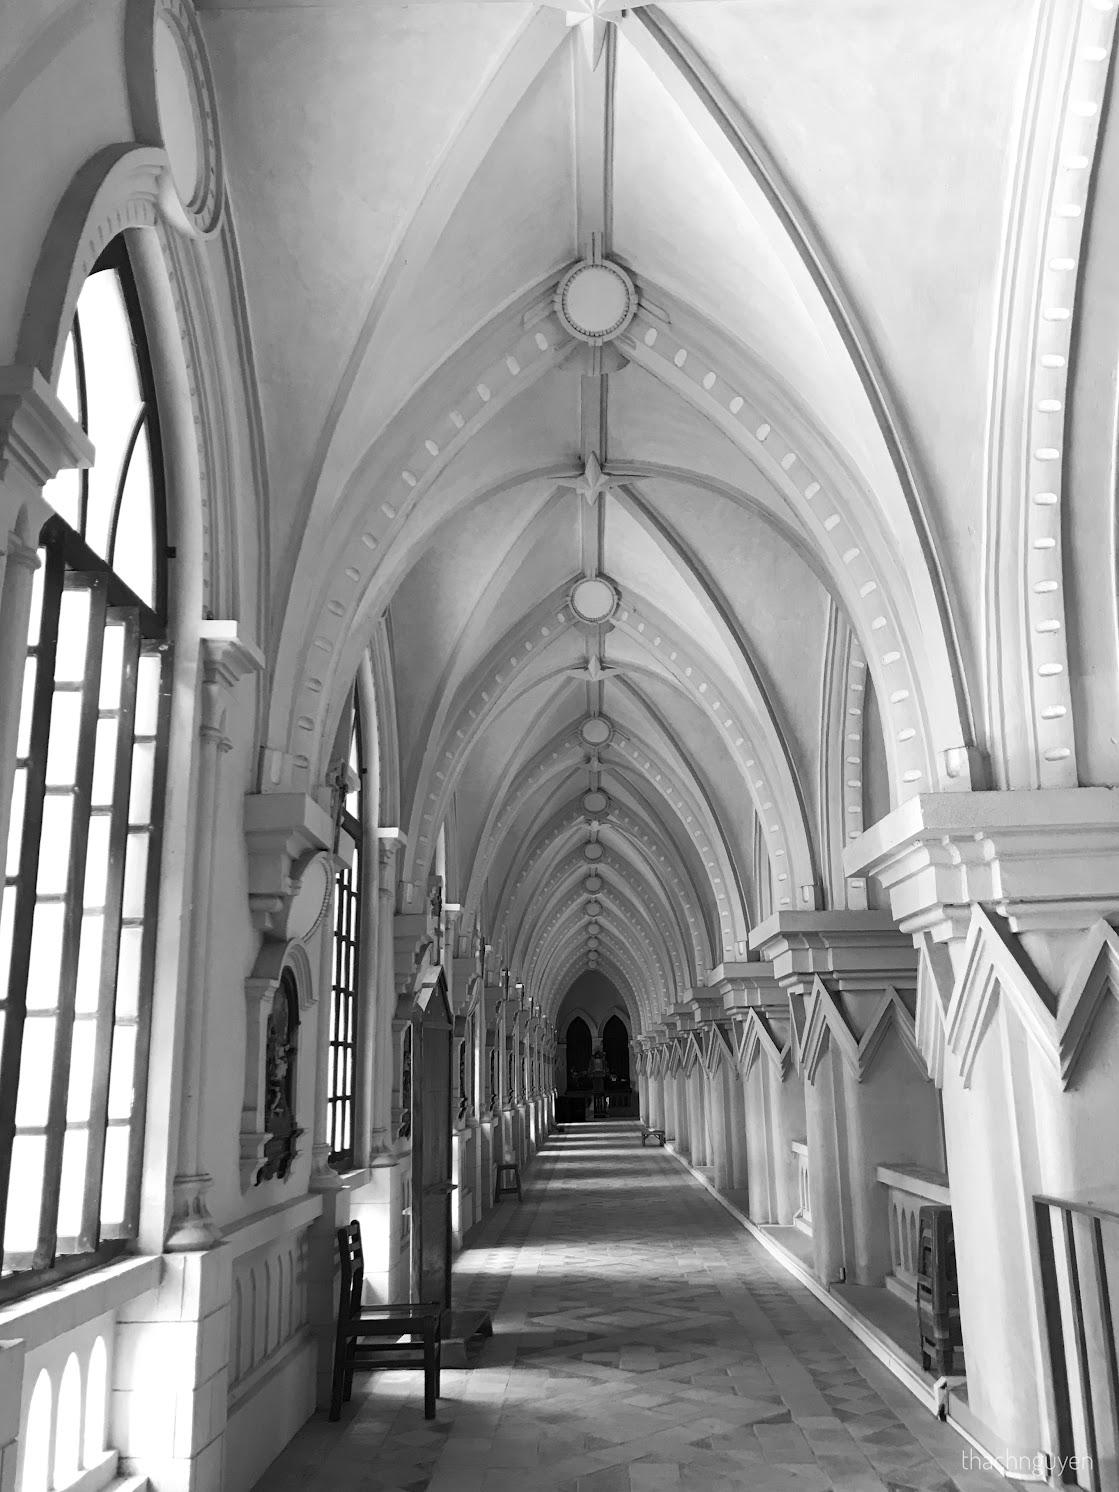 hành lang tầng 2 đan viện